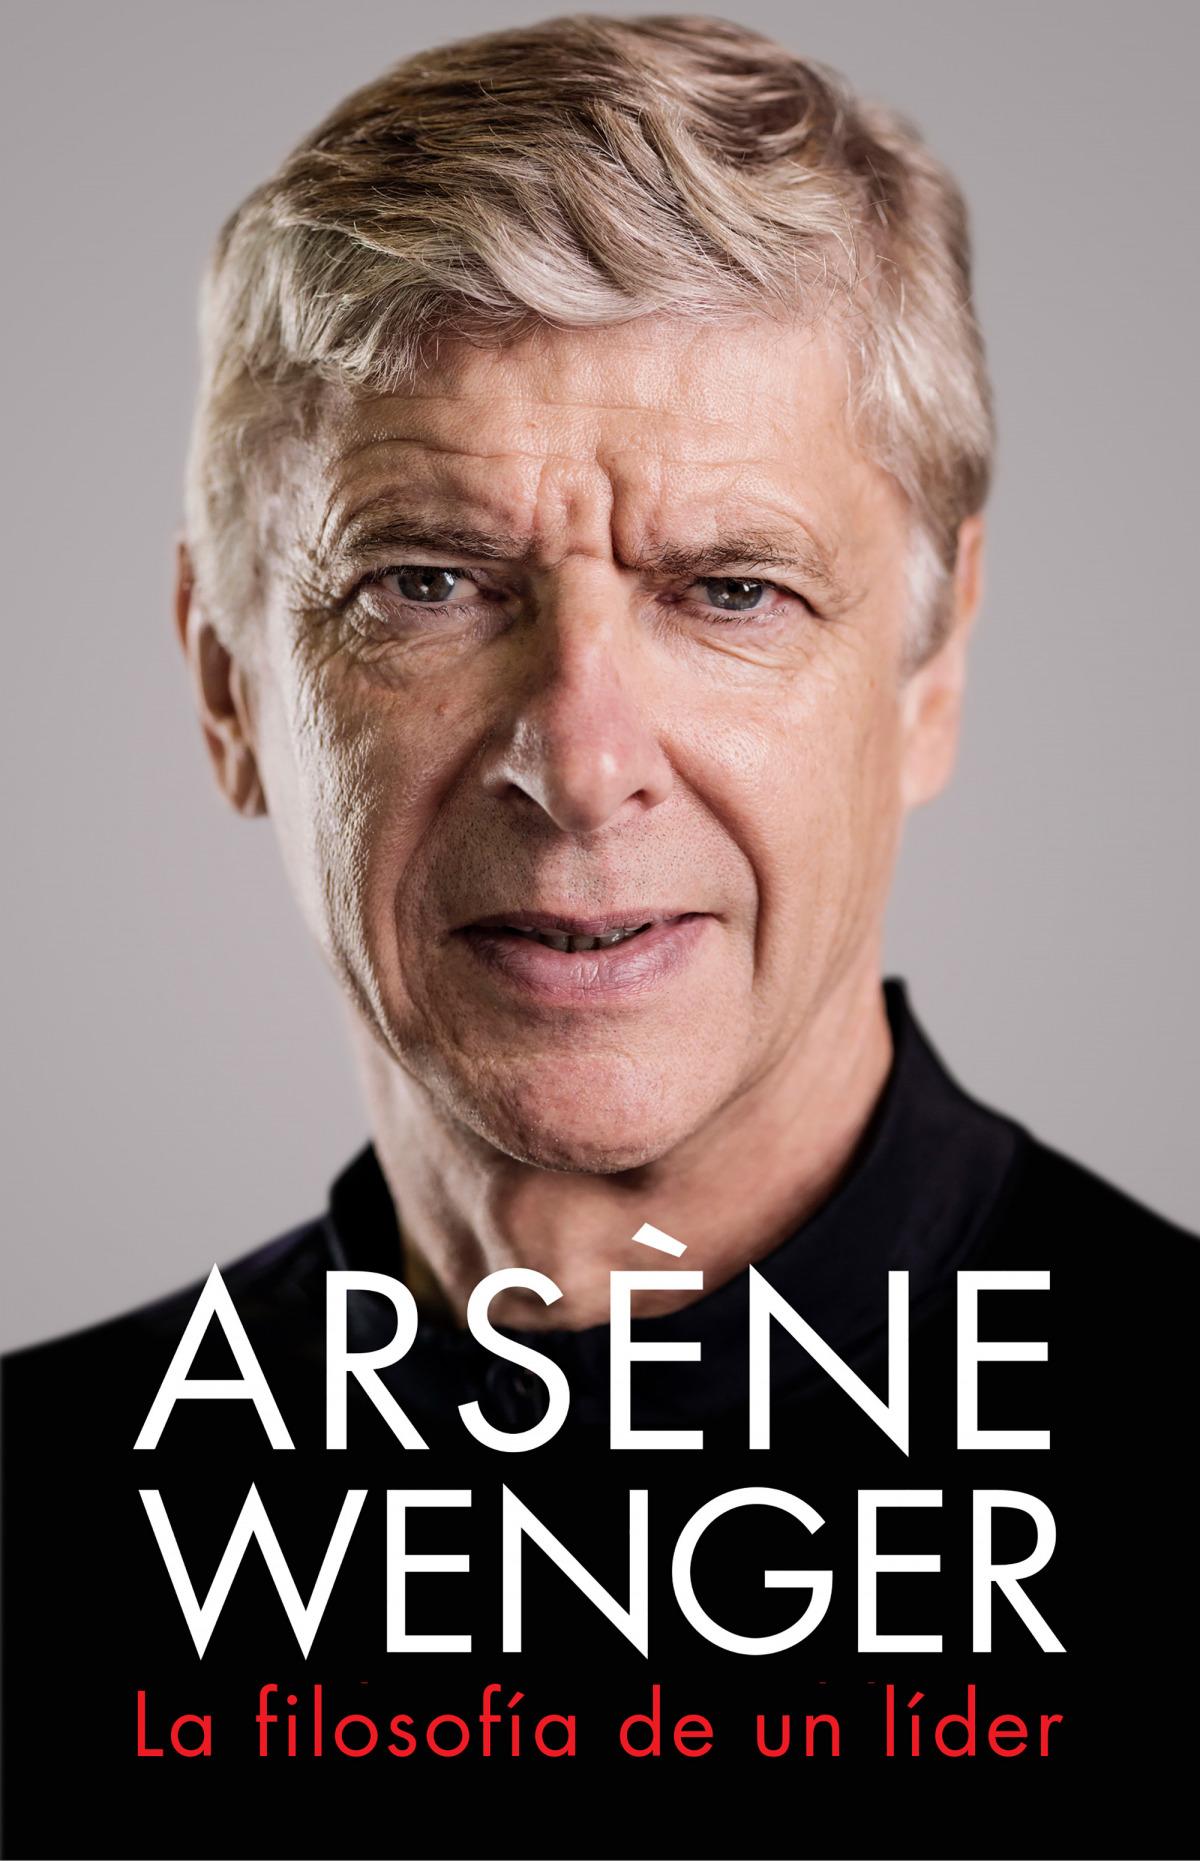 Arsène Wenger. La filosof¡a de un lider 9788412063745